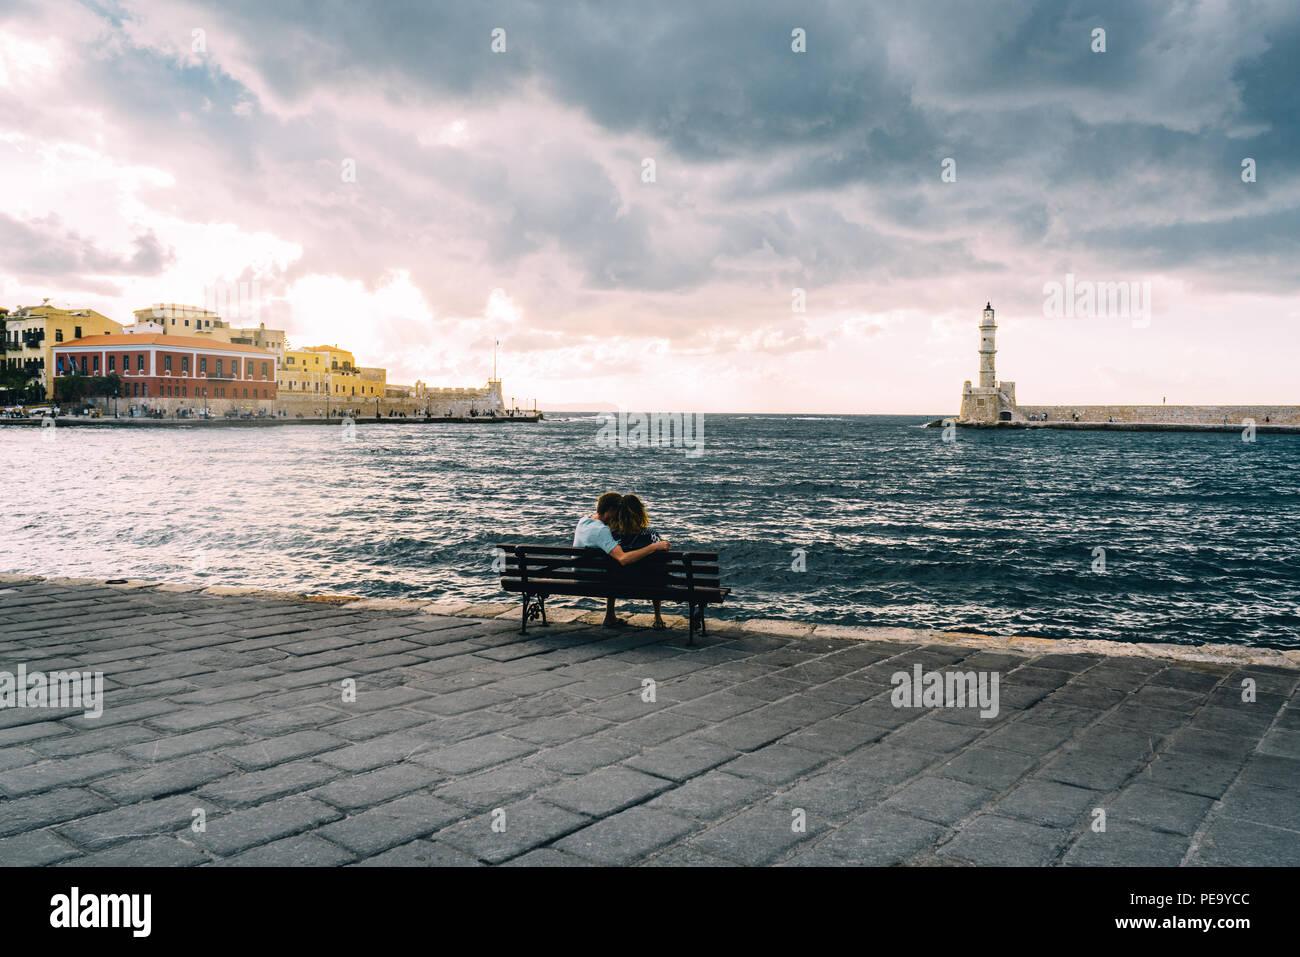 Chania, Kreta, Griechenland - August 2018: Paar sitzt auf der Bank mit Panorama venezianischen Hafen am Wasser und Leuchtturm im alten Hafen von Chania bei Sonnen Stockbild